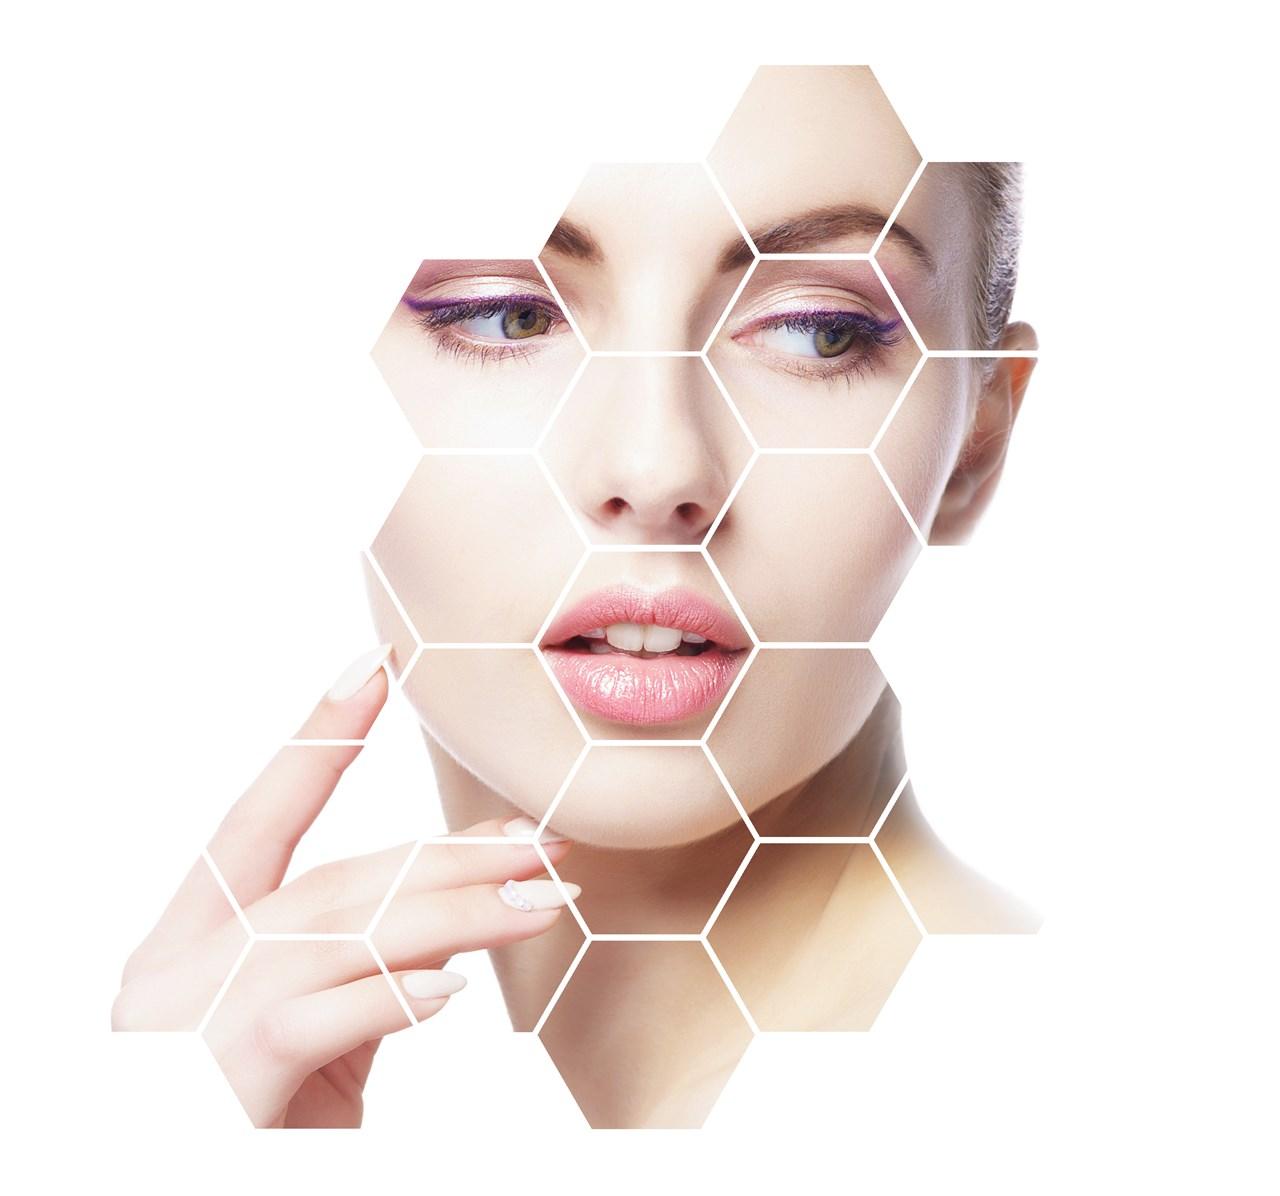 Regelverket er uklart og mange hudterapeuter jobber i gråsonen. Leonthin anbefaler at hudterapeuter og spesielt klinikkeiere bør sette seg nøye inn i regelverket og vite hva som er lovlig.